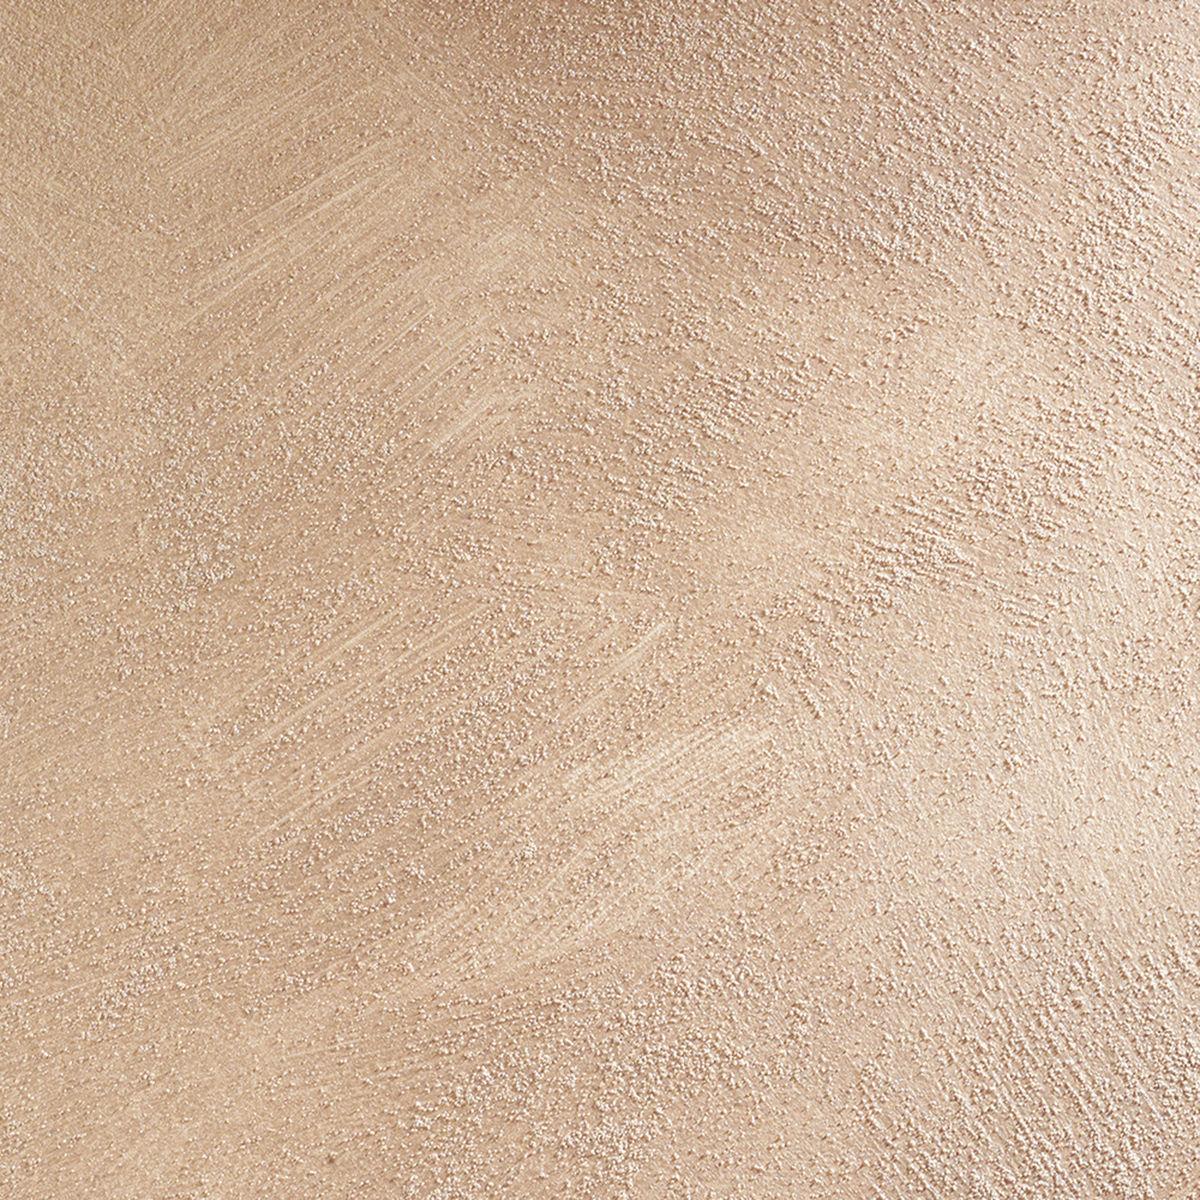 Pittura ad effetto decorativo sabbiato marrone talpa 5 2 l for Leroy merlin pittura pareti